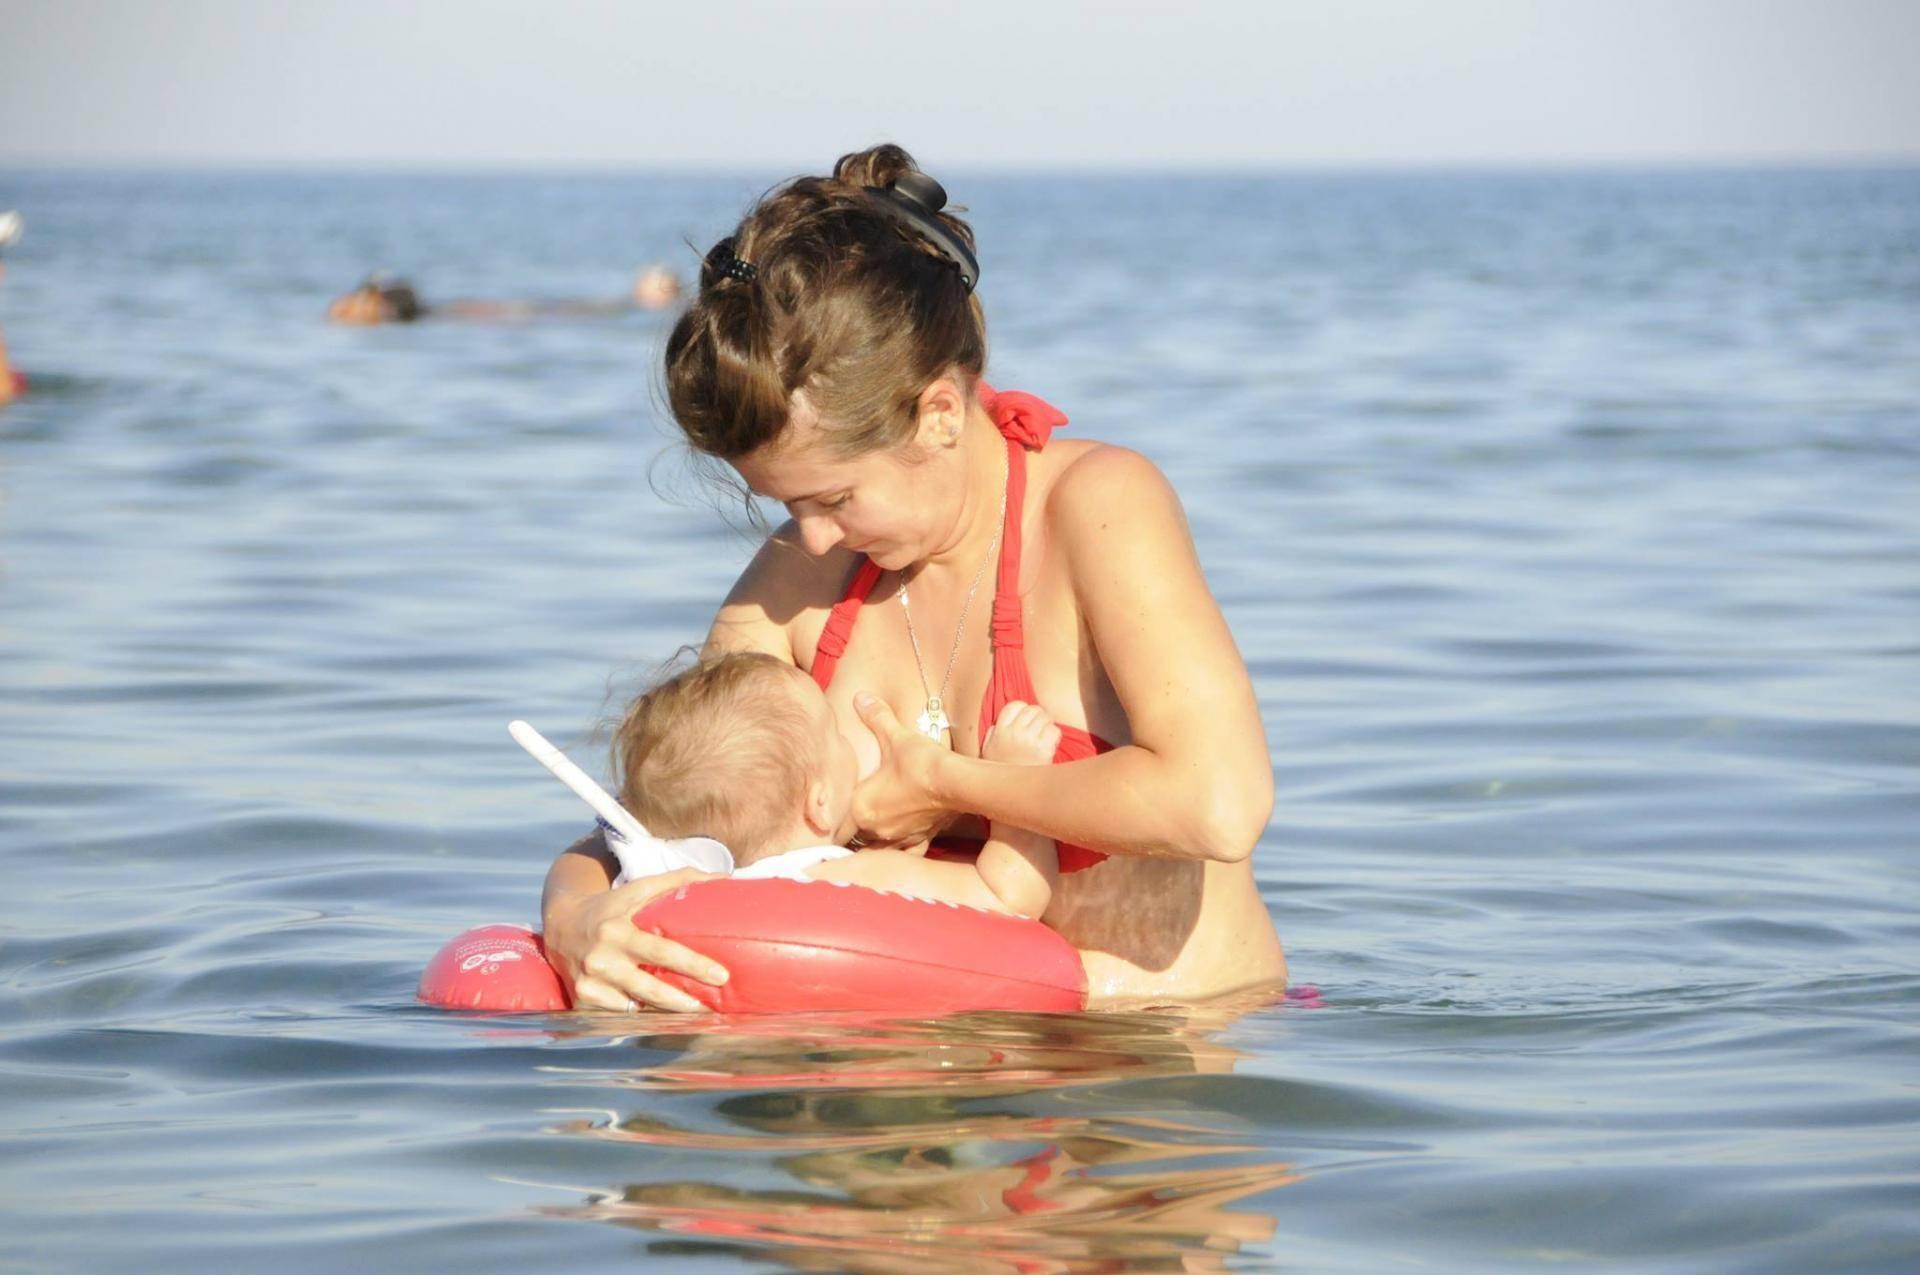 Солярий при грудном вскармливании: можно ли ходить кормящей маме на эту процедуру, а также загорать на солнце, рекомендации во время лактации